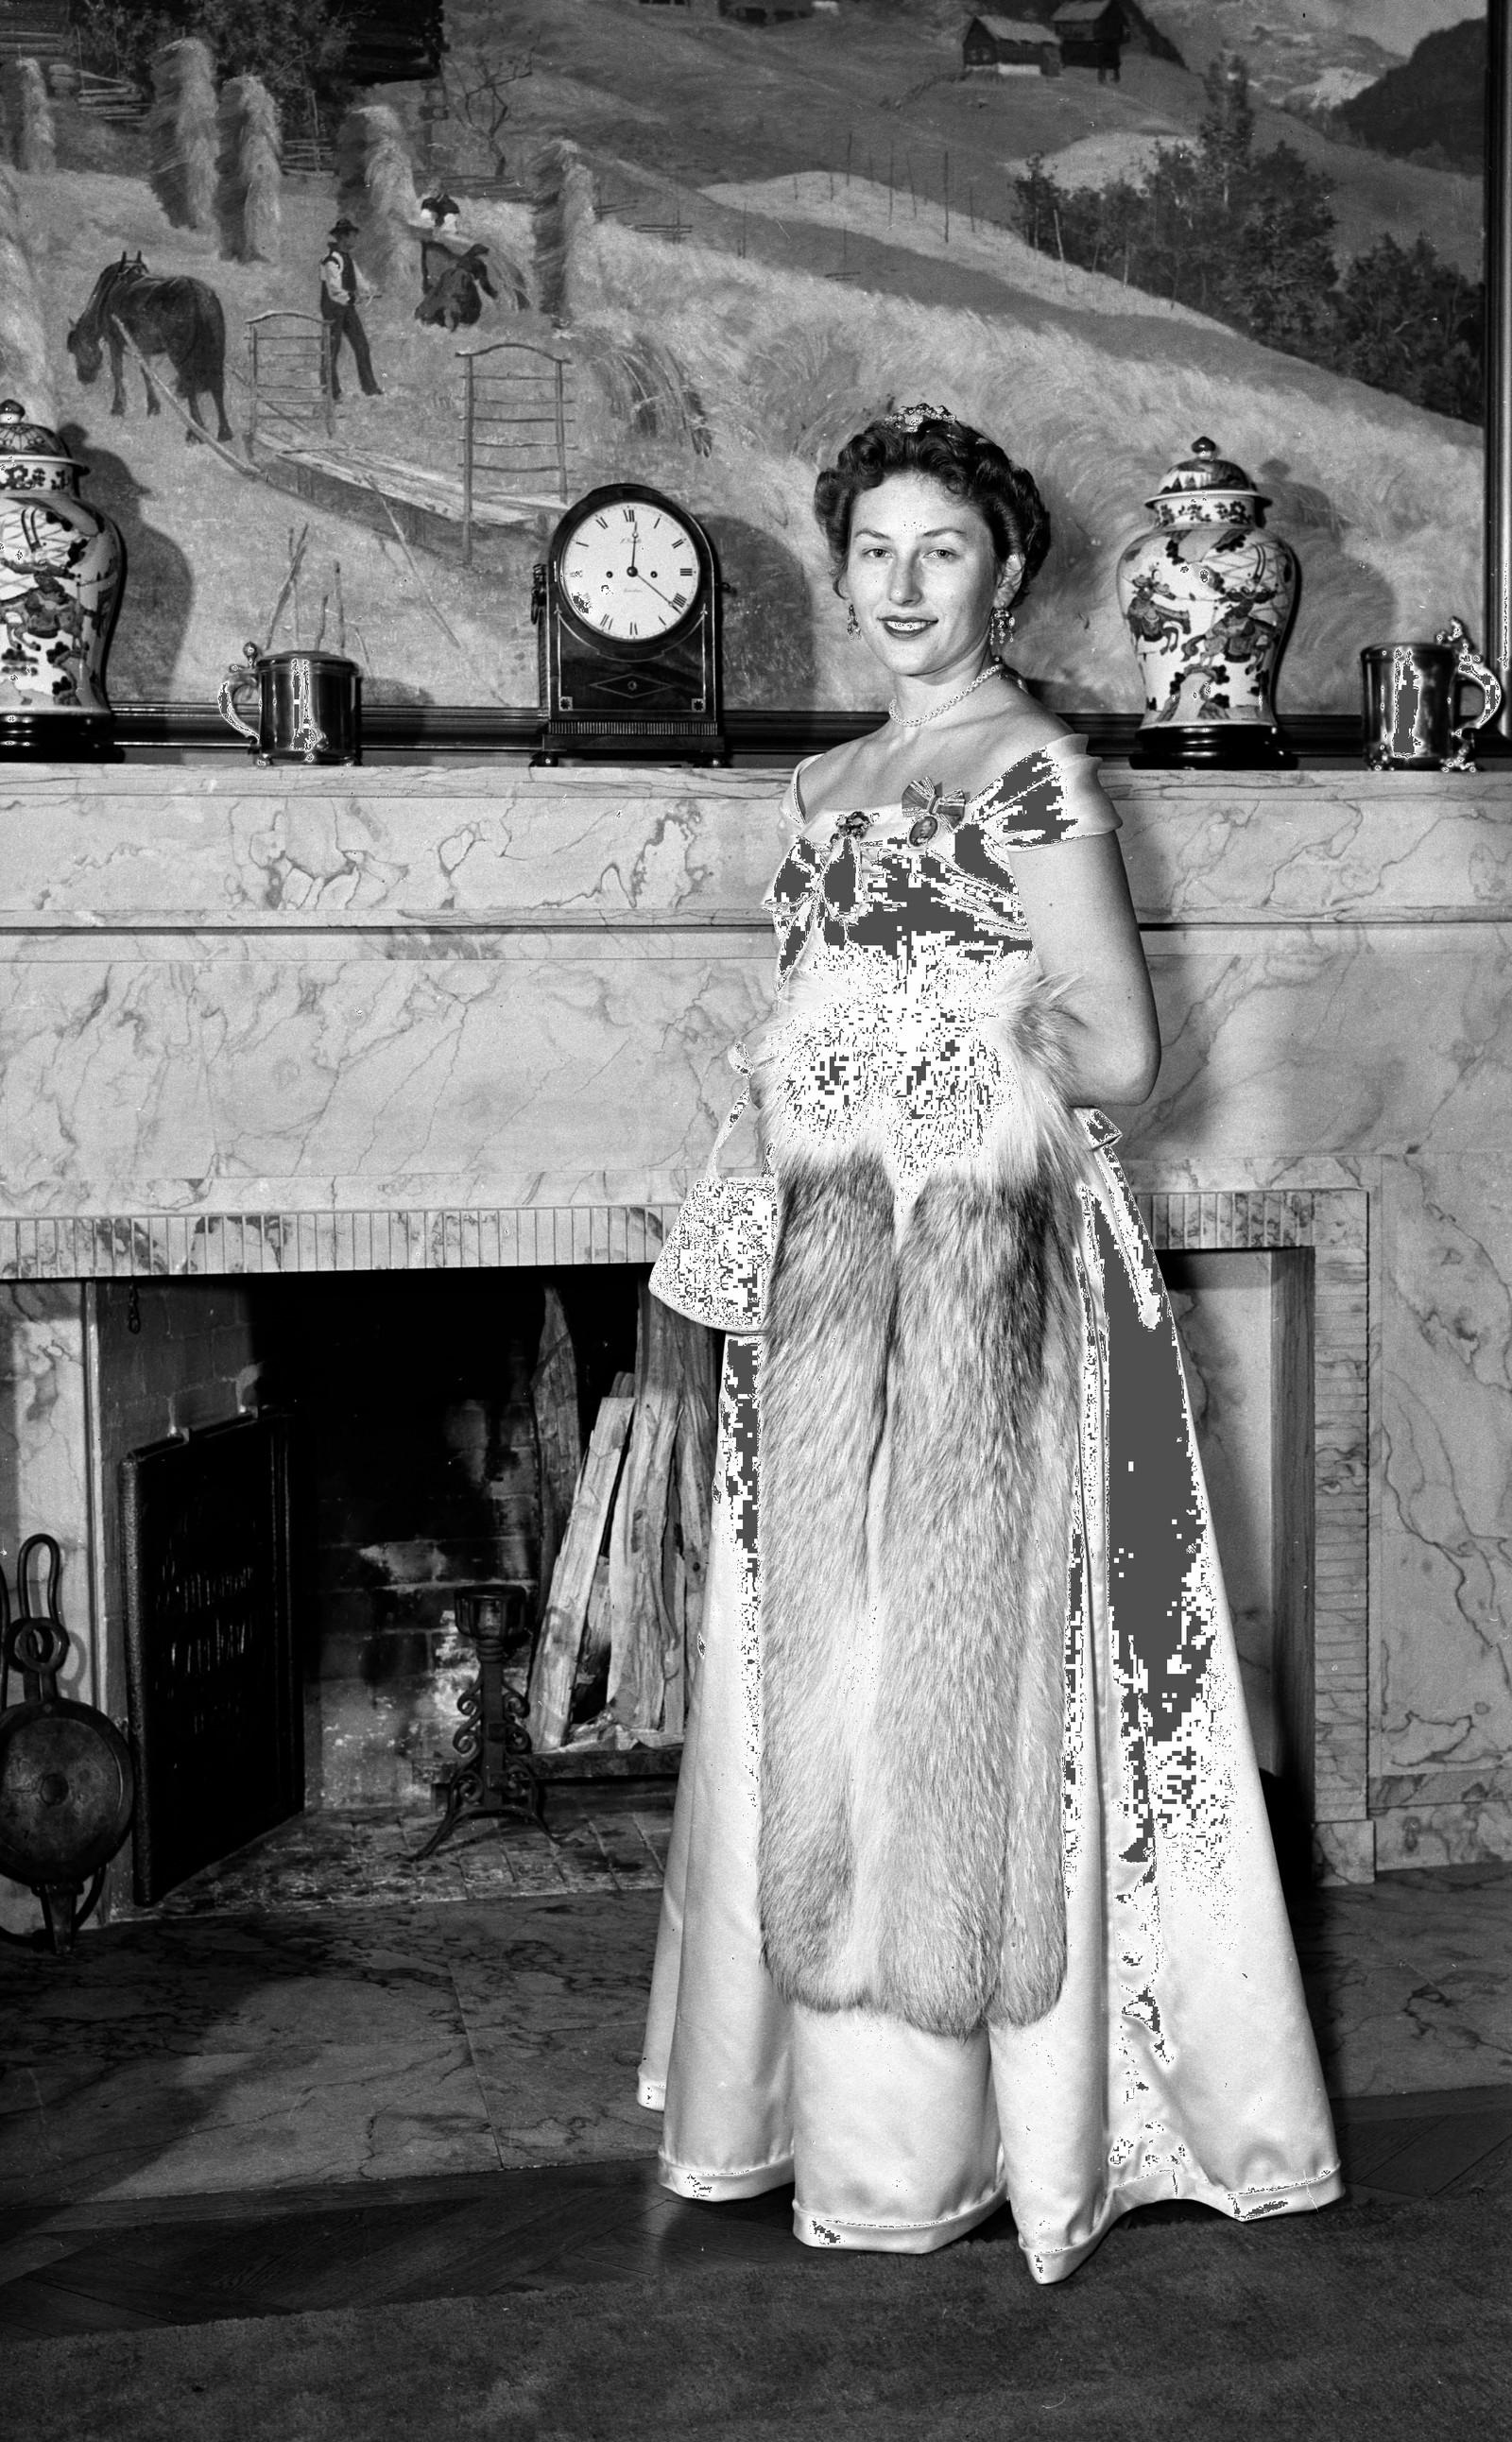 UNG FØRSTEDAME: Å vere kongeleg vertinne var uvant for prinsesse Astrid. Då mor døydde tok ho over ansvaret som norges førstedame. Her klar for galla på Skaugum i november 1954.